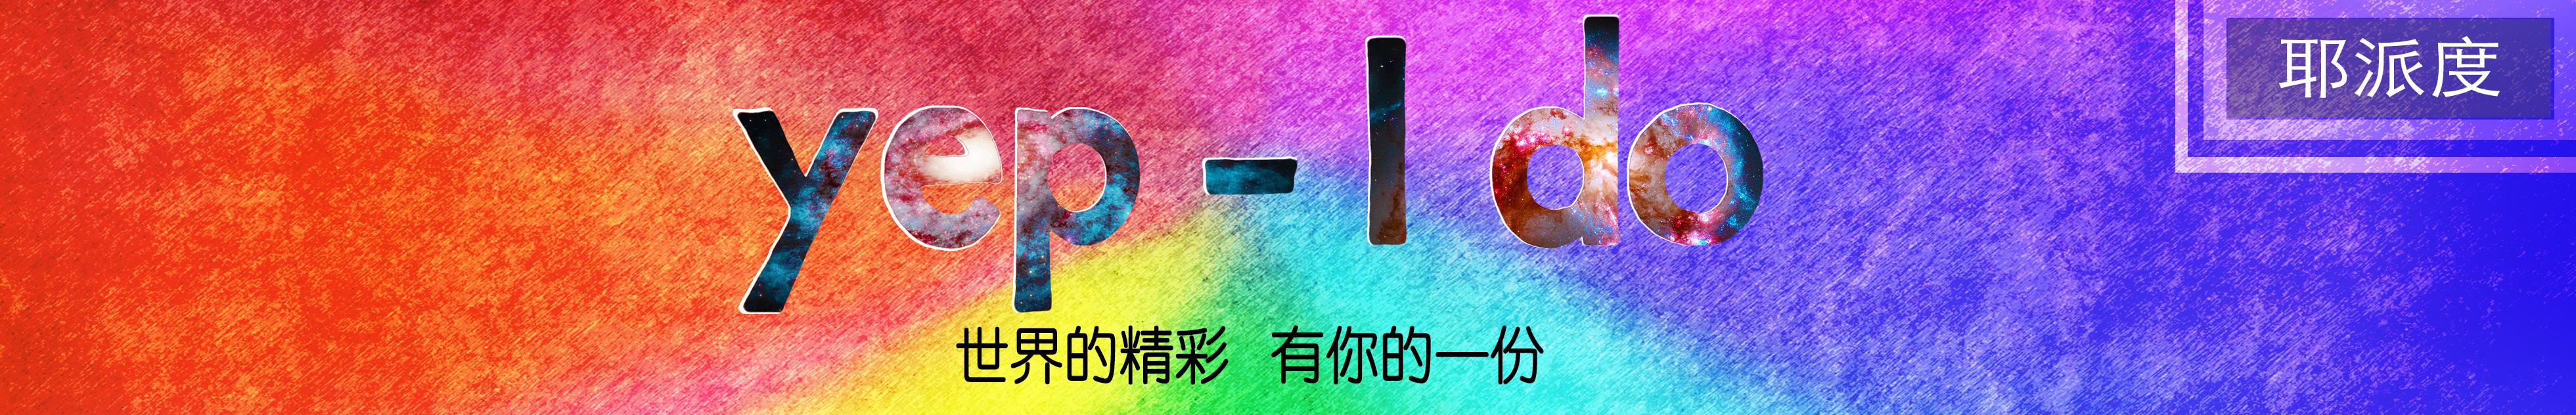 用户_842675 banner